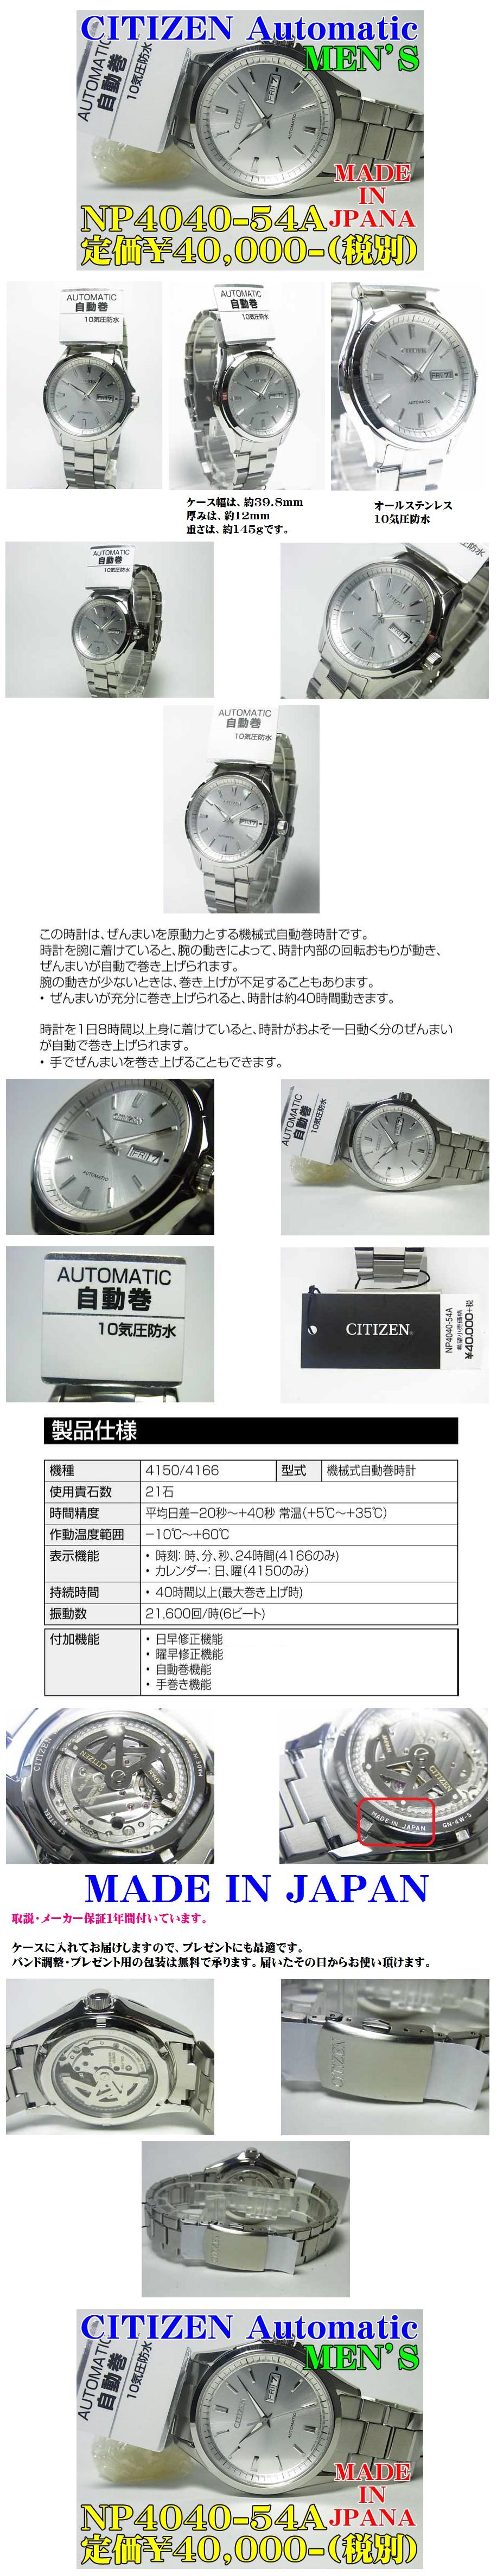 MADE IN JAPAN の自動巻きは海外でも人気が有るんです。